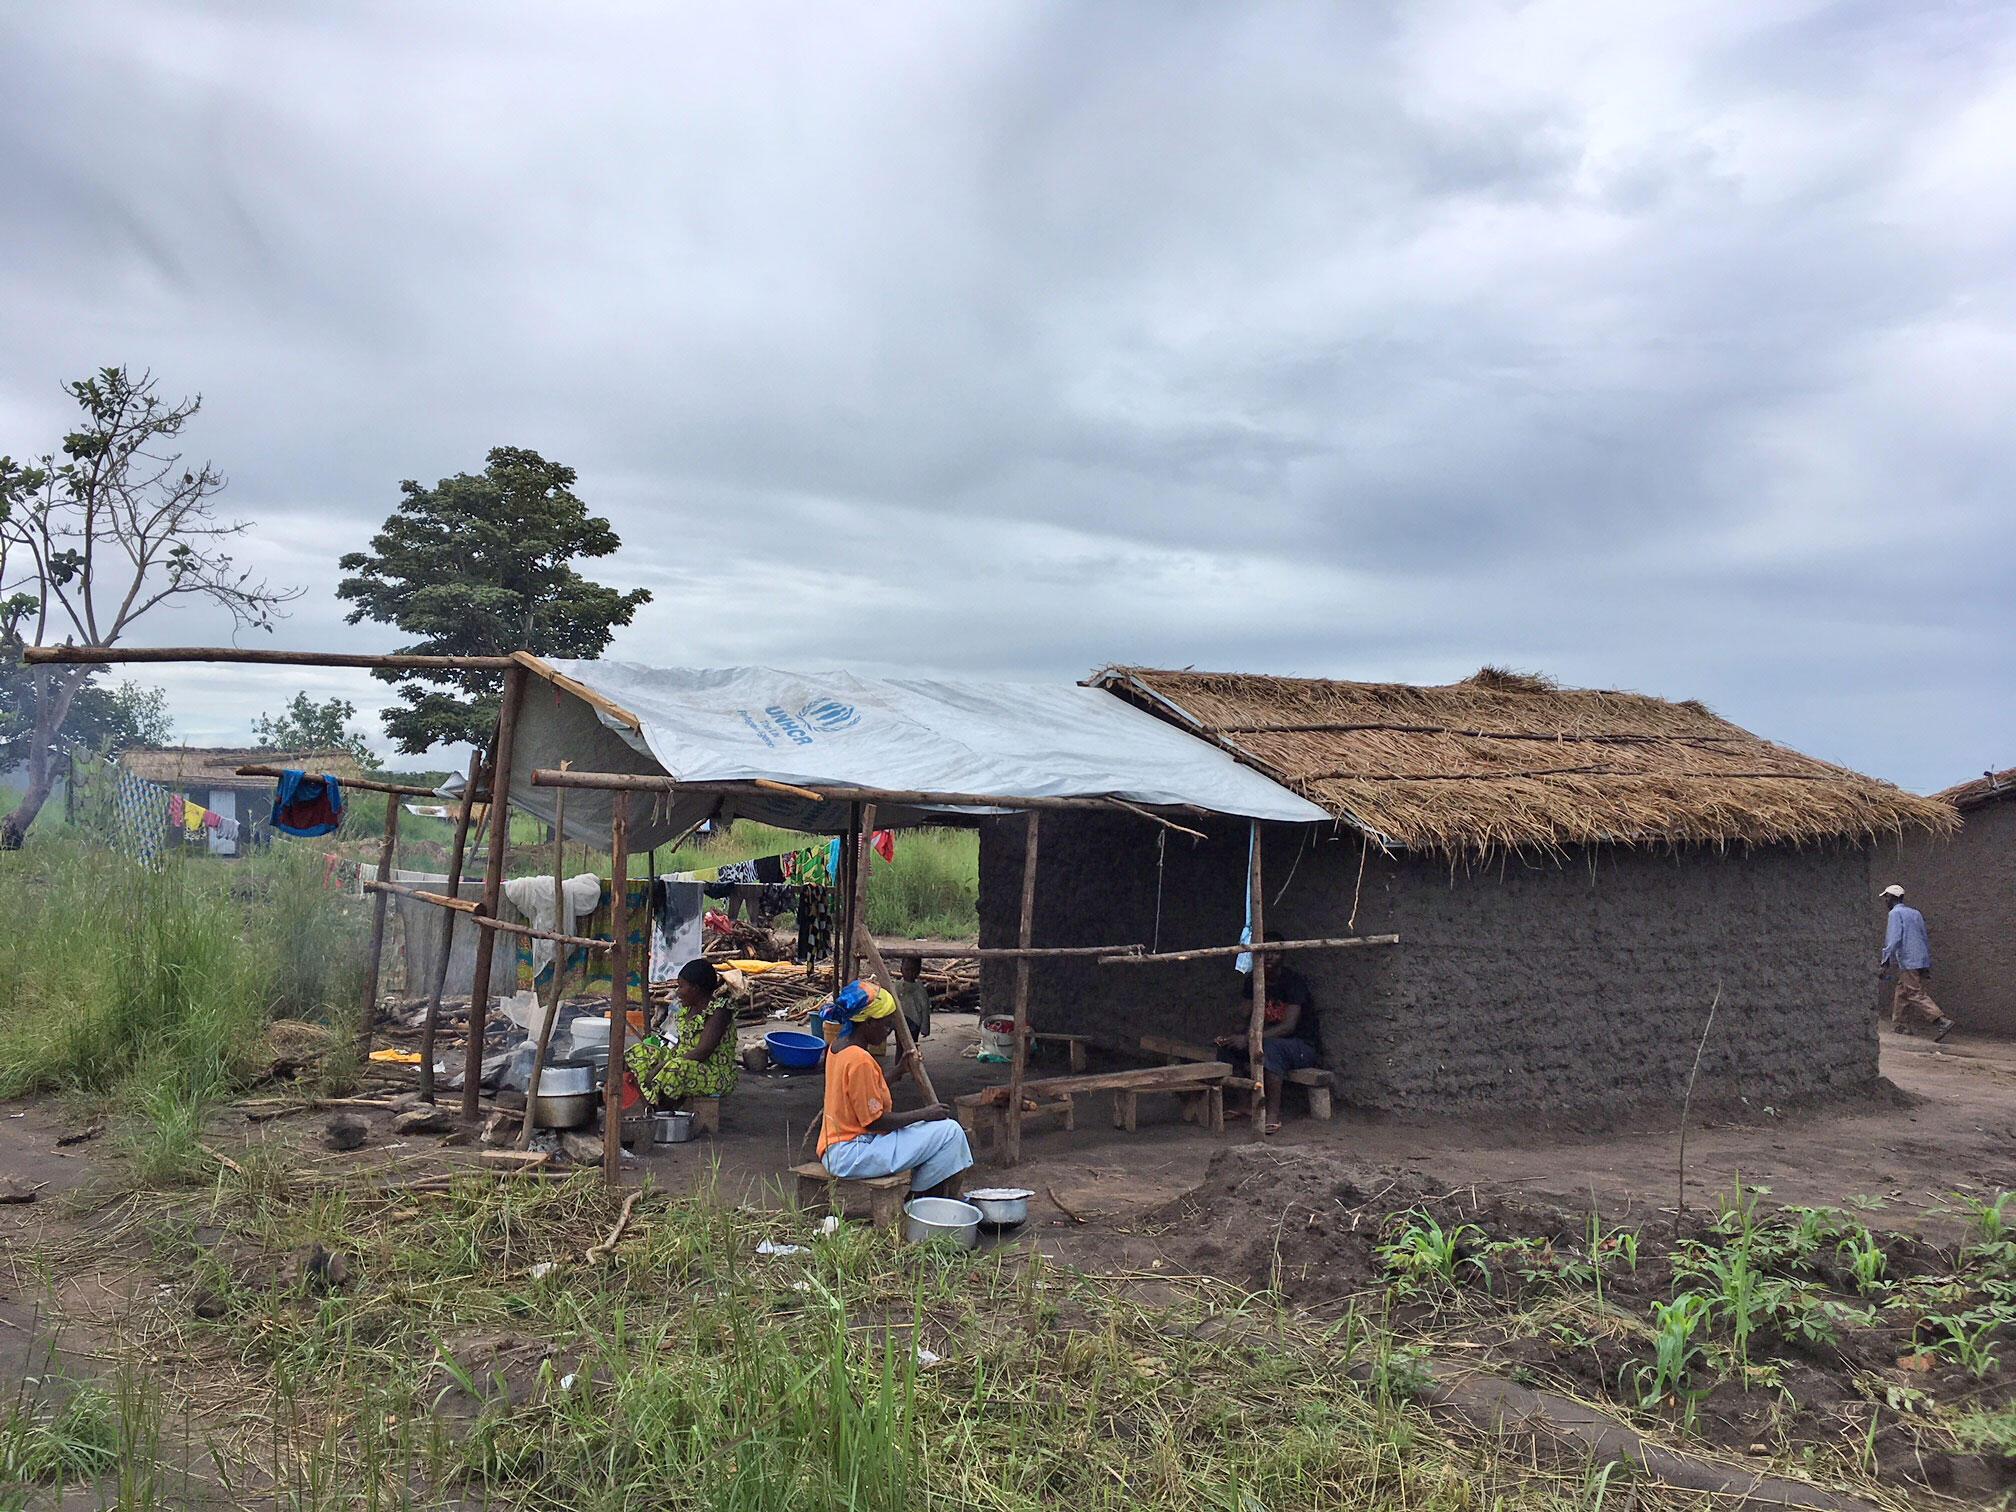 Un exemple de maison en torchis construite par une famille grâce à un kit fourni par le HCR.